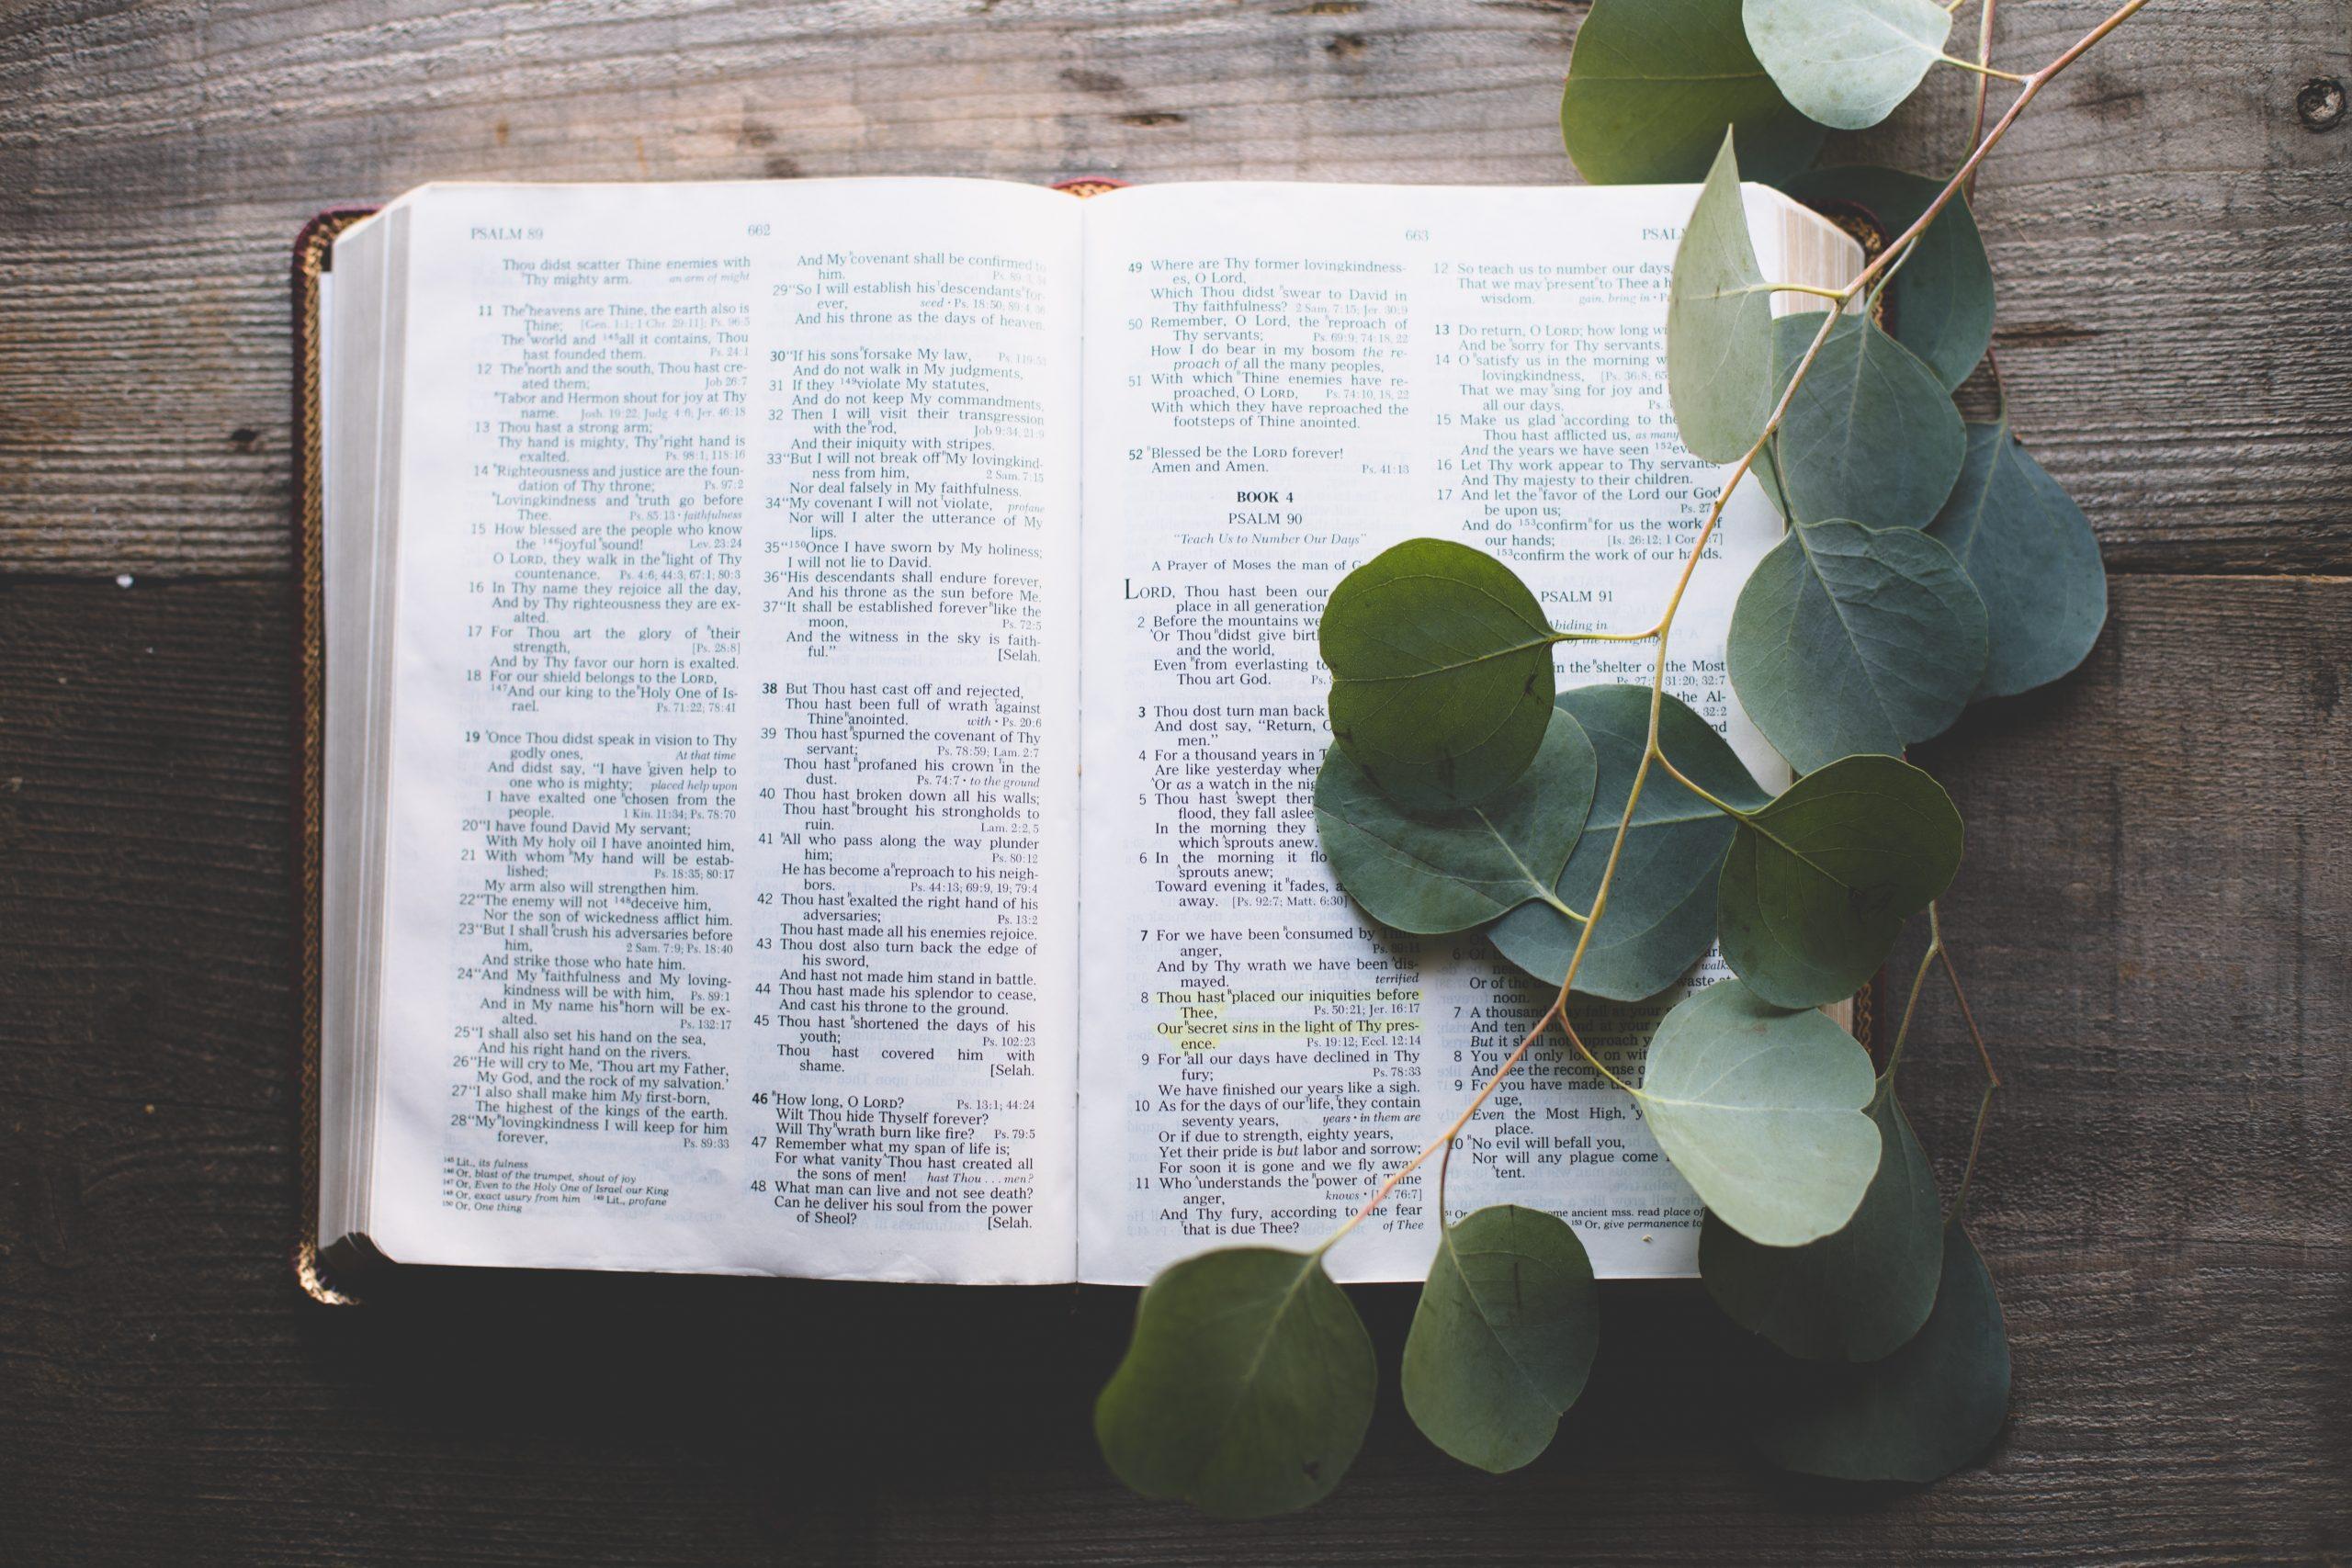 2019년 12월15일 말씀의 삶 성경공부 수료식